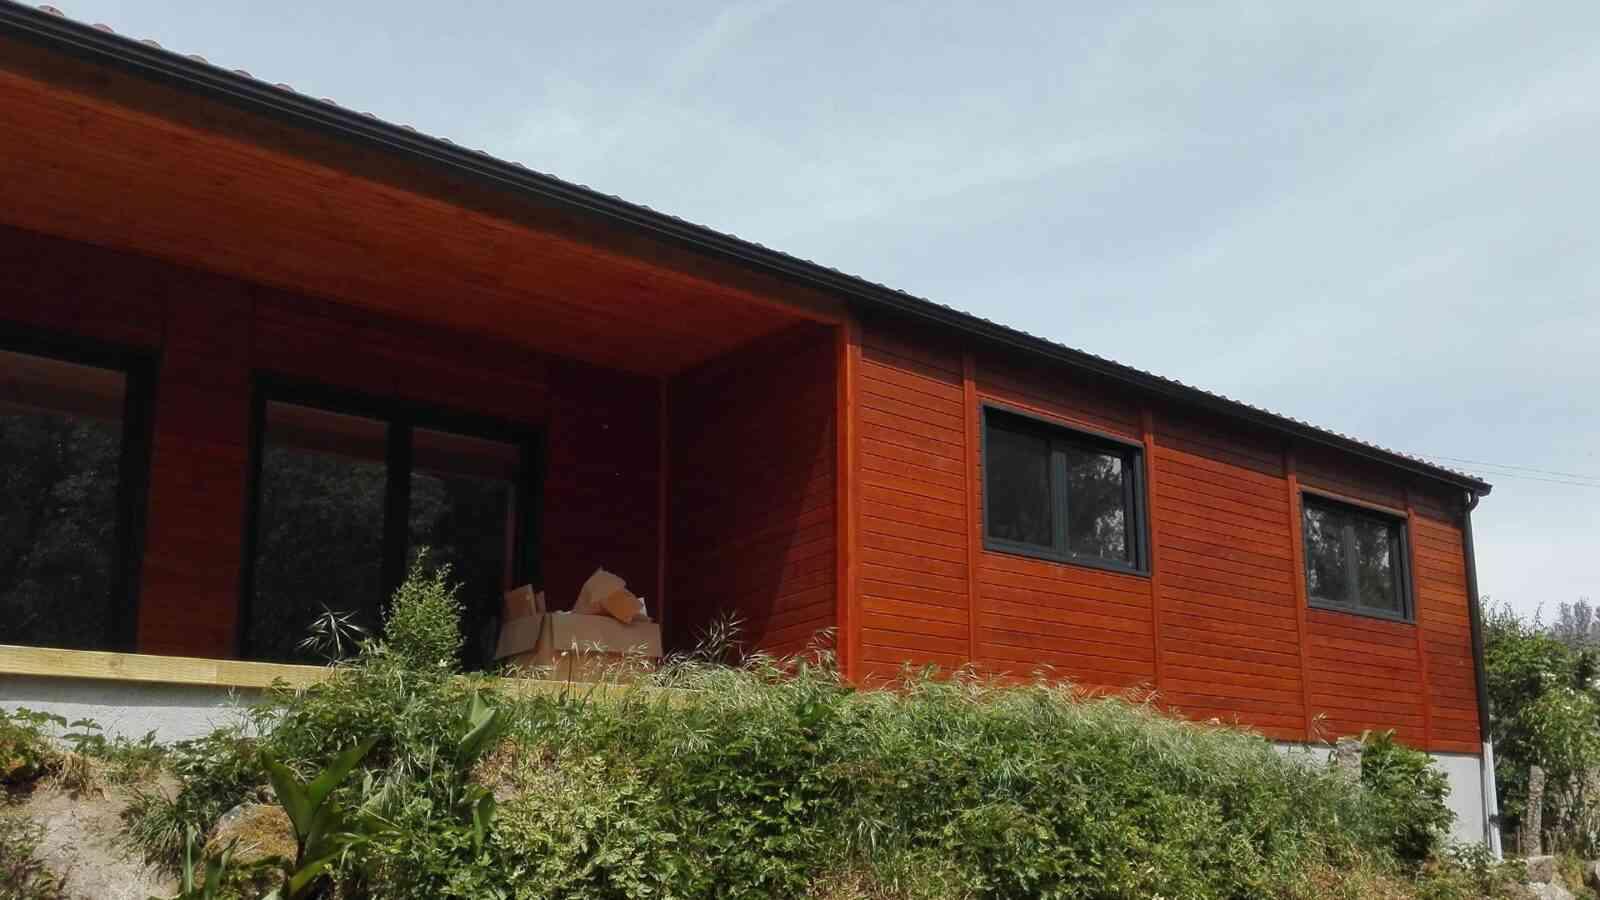 Casa de madeira modelo Modular 129m², em Portugal